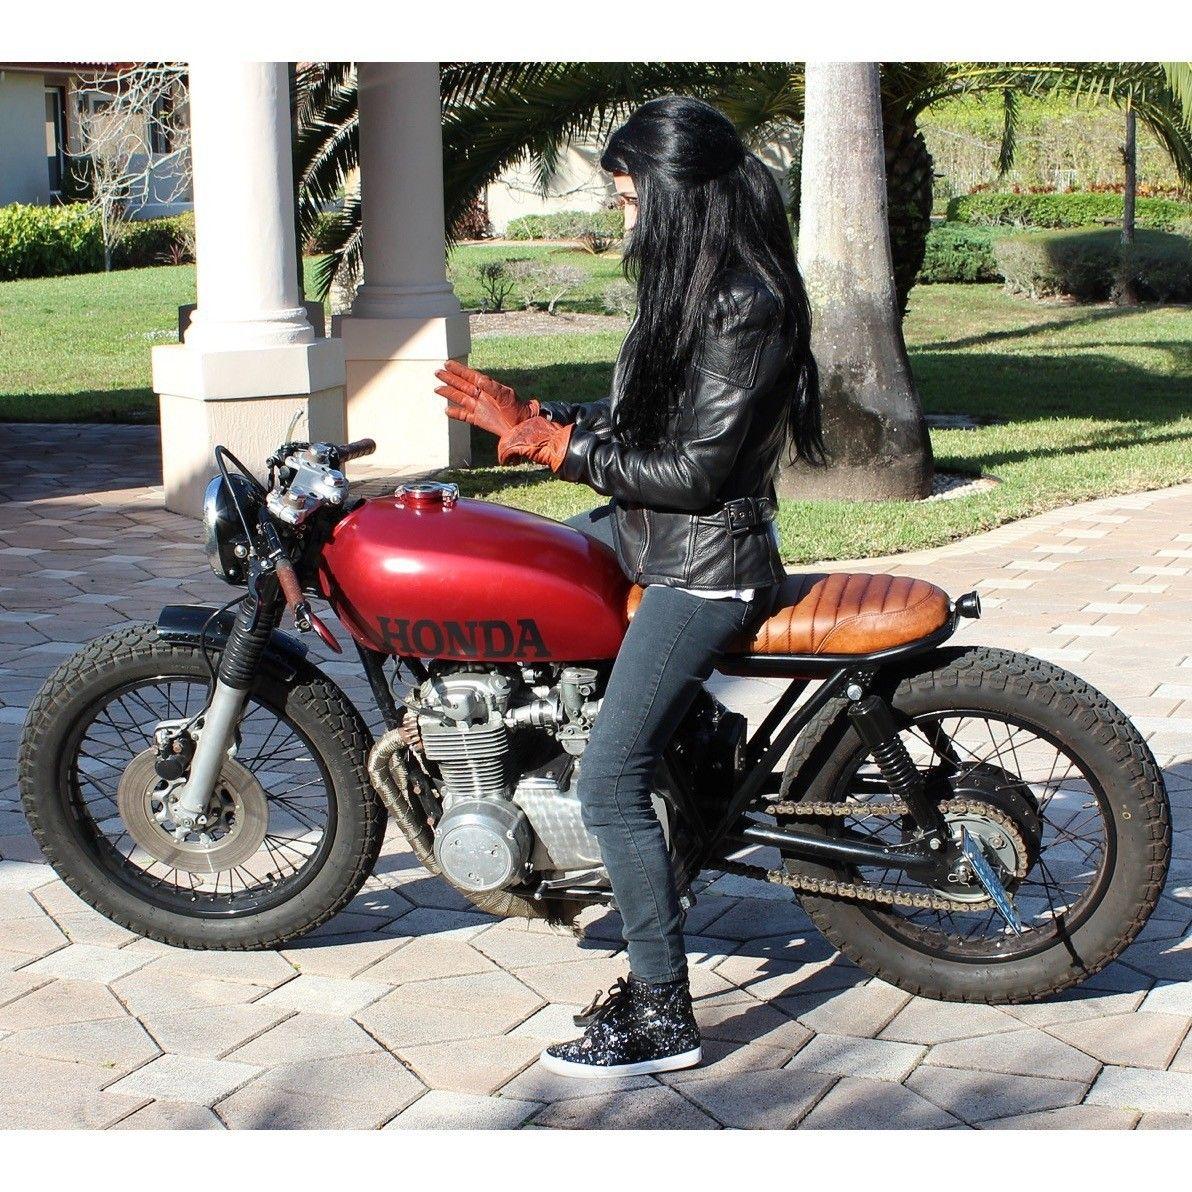 Danielle Vee Riding Here Honda Cb550 Cafe Racer [ 1192 x 1192 Pixel ]